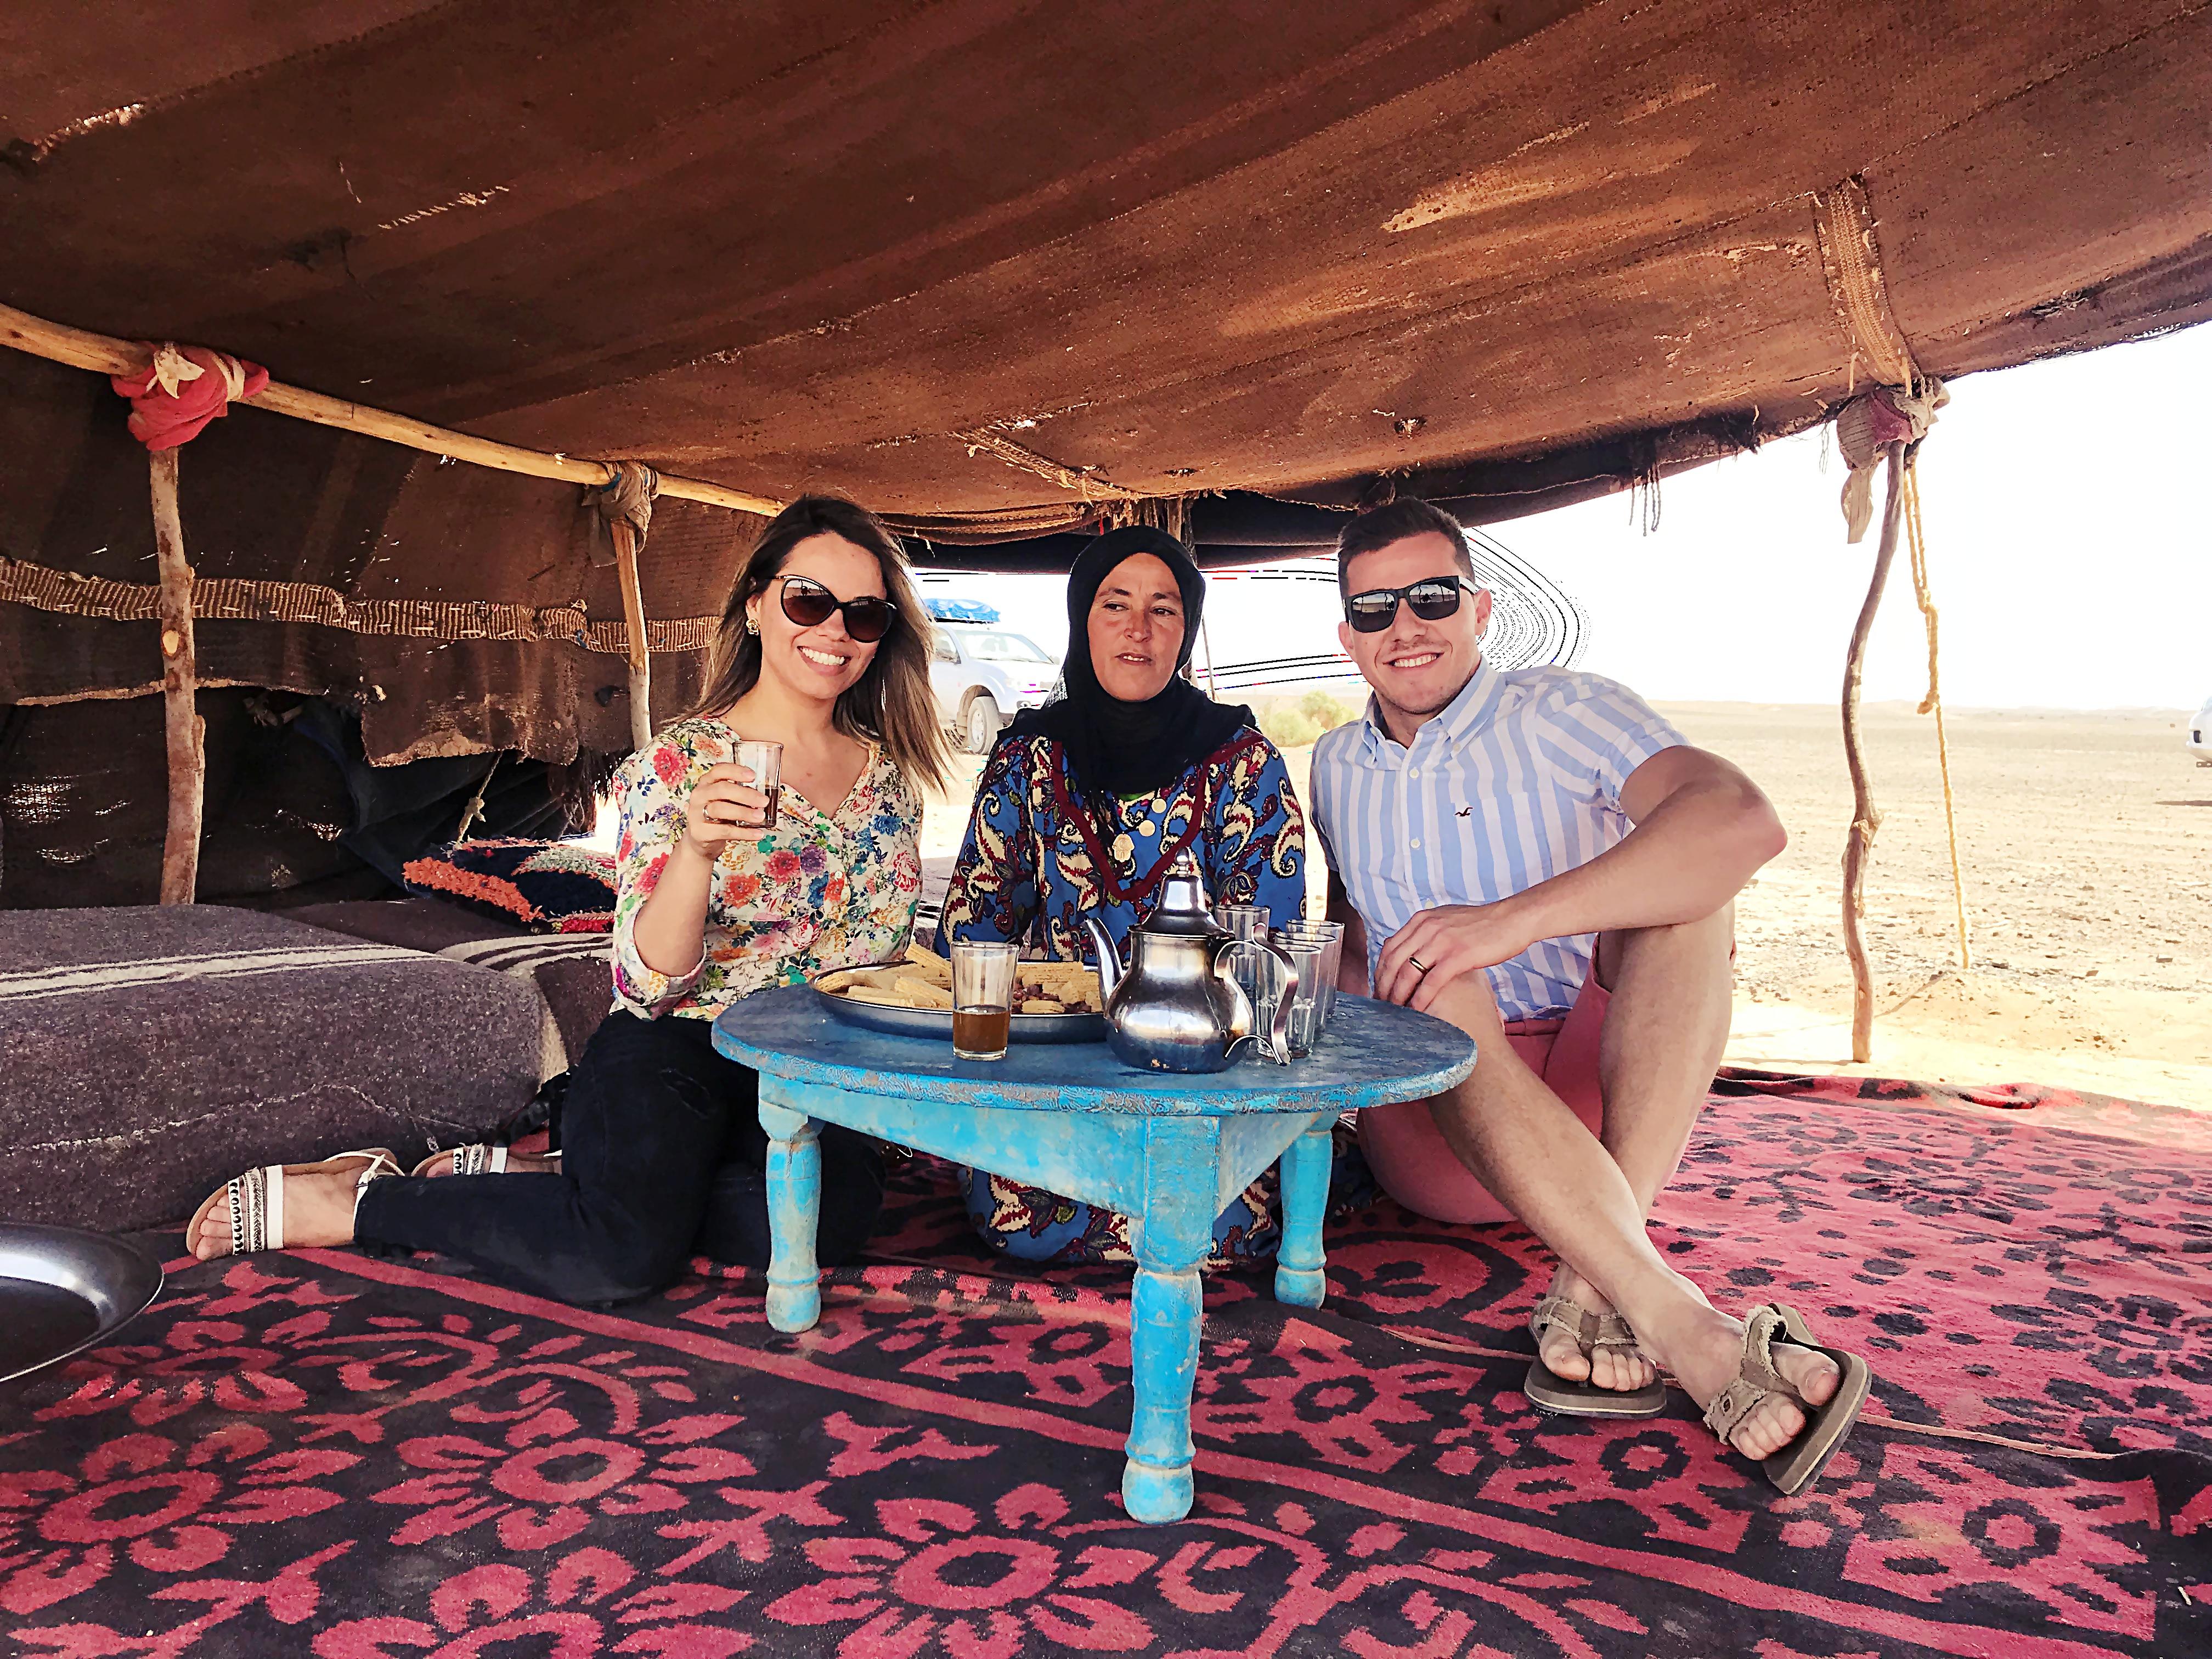 Tudo que você precisa saber antes de ir para o Marrocos!